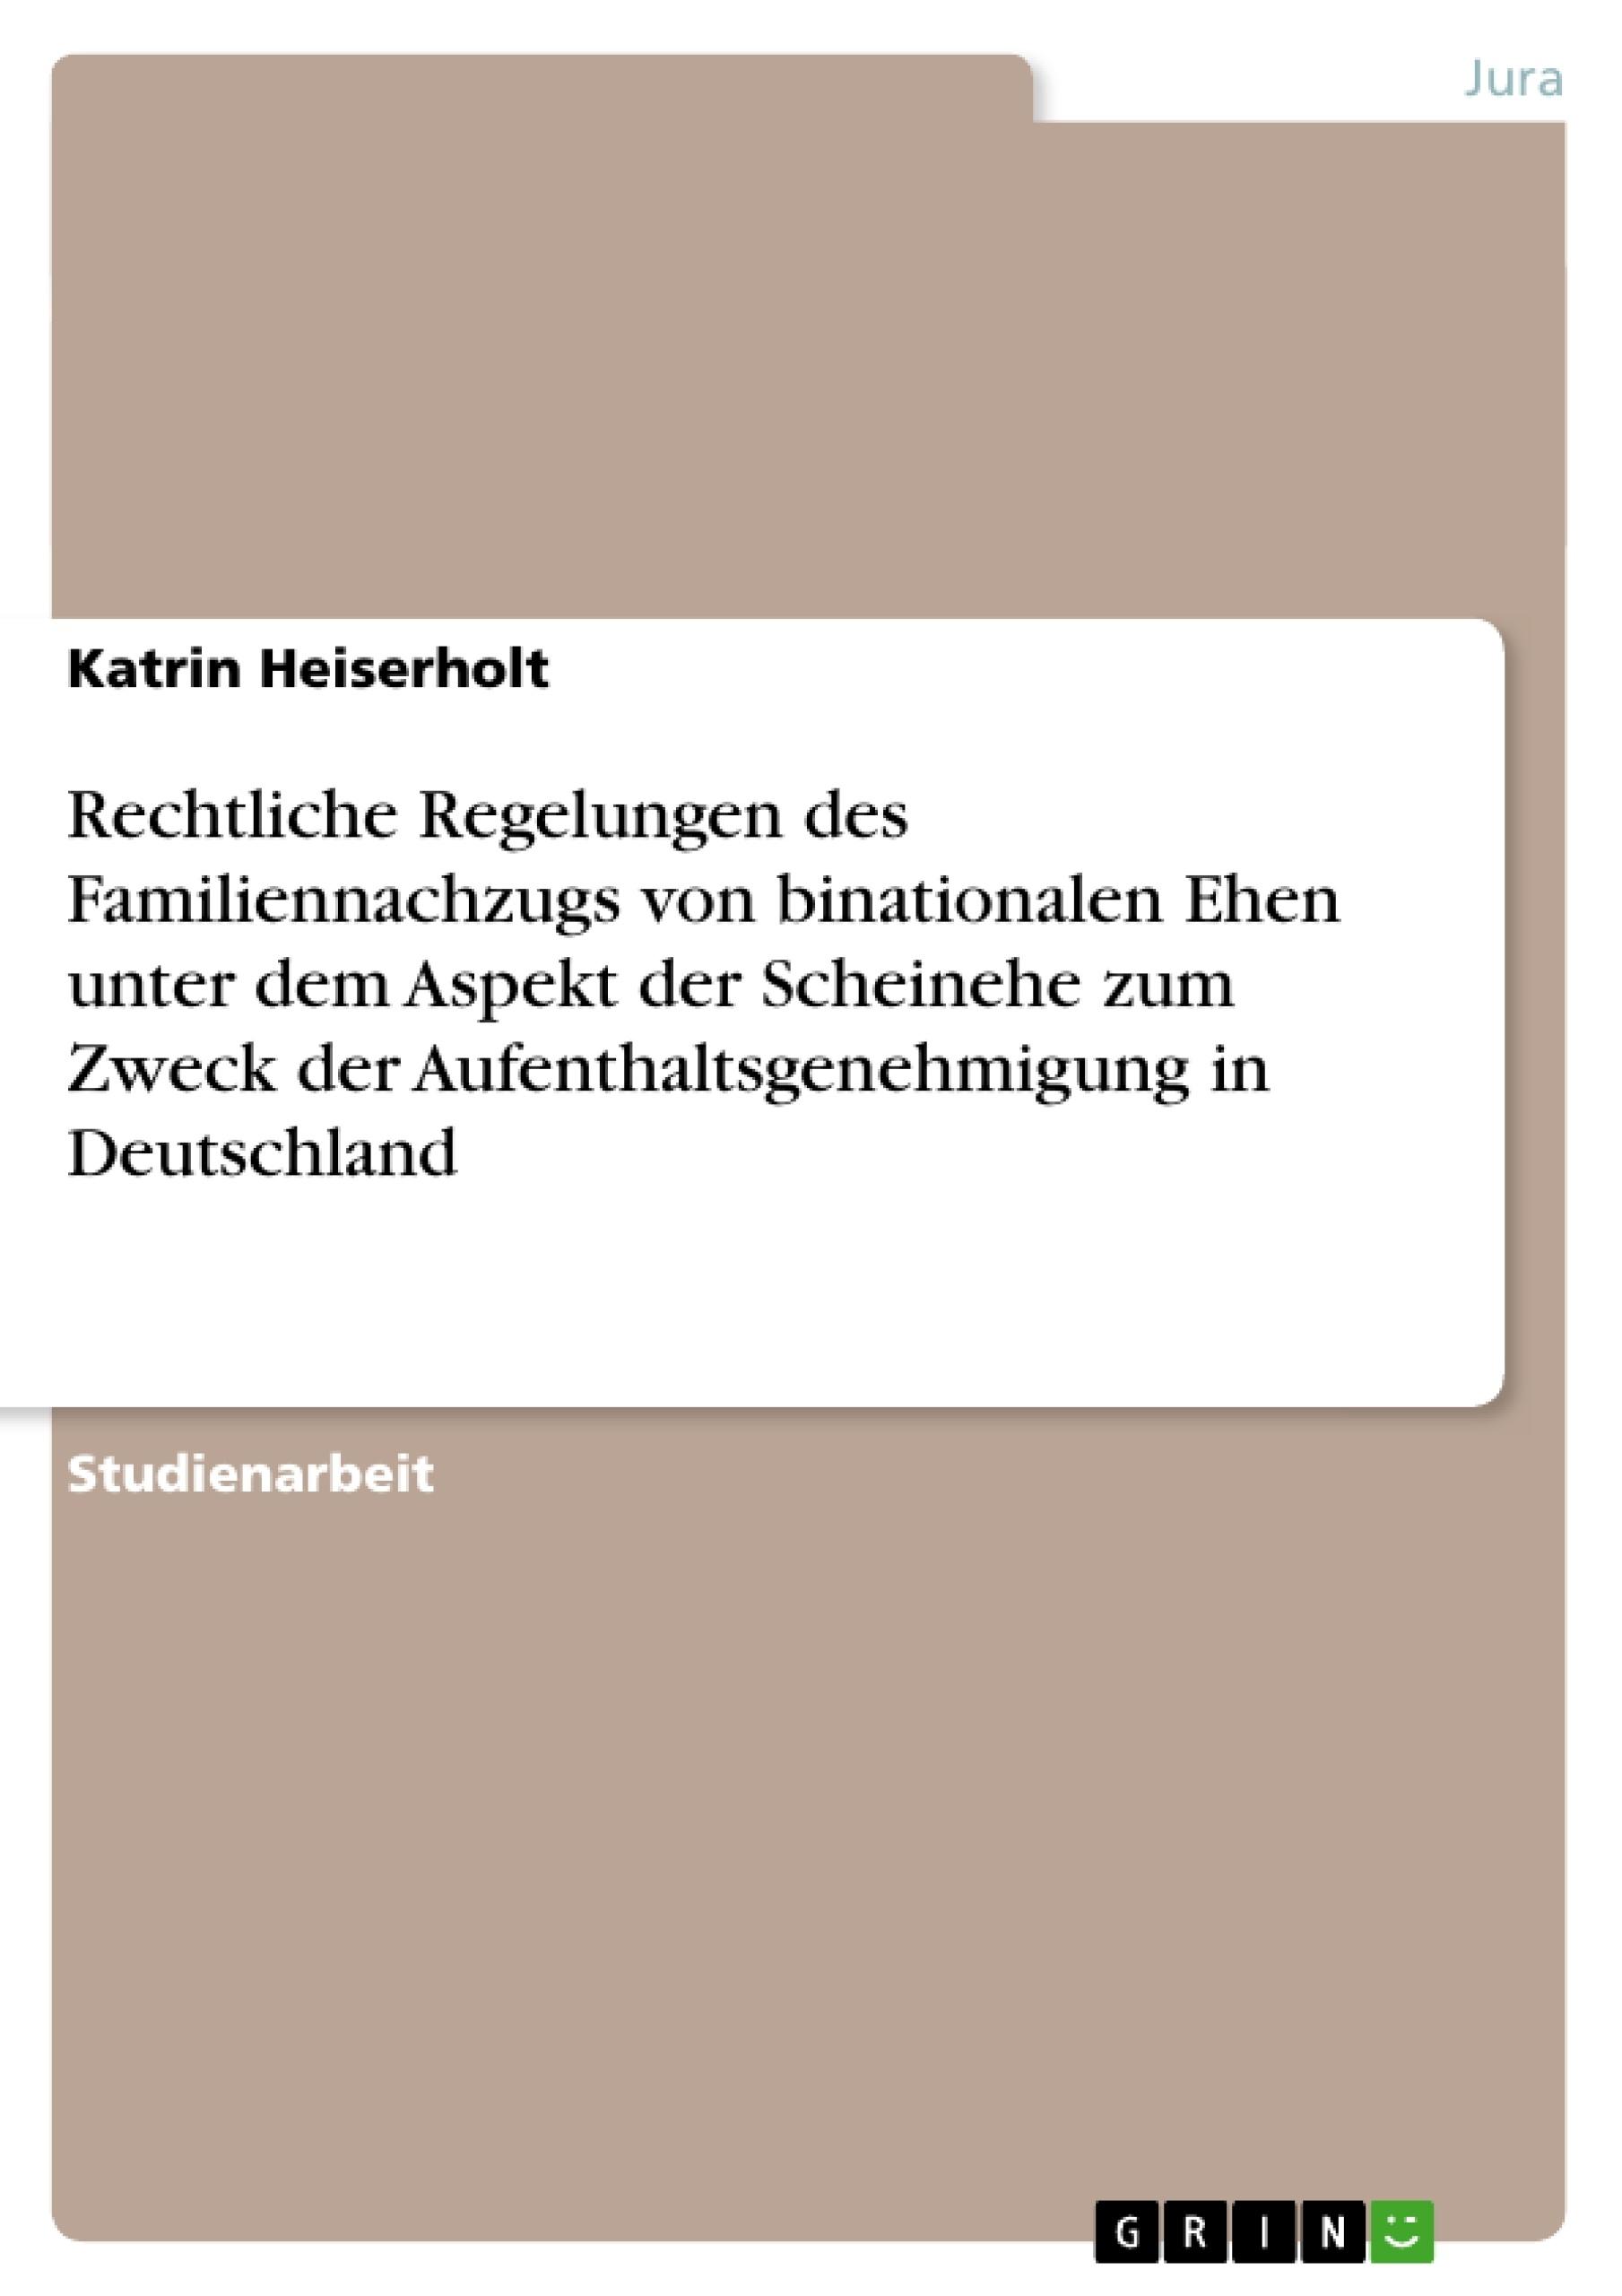 Titel: Rechtliche Regelungen bei Scheinehe zum Zweck der Aufenthaltsgenehmigung in Deutschland